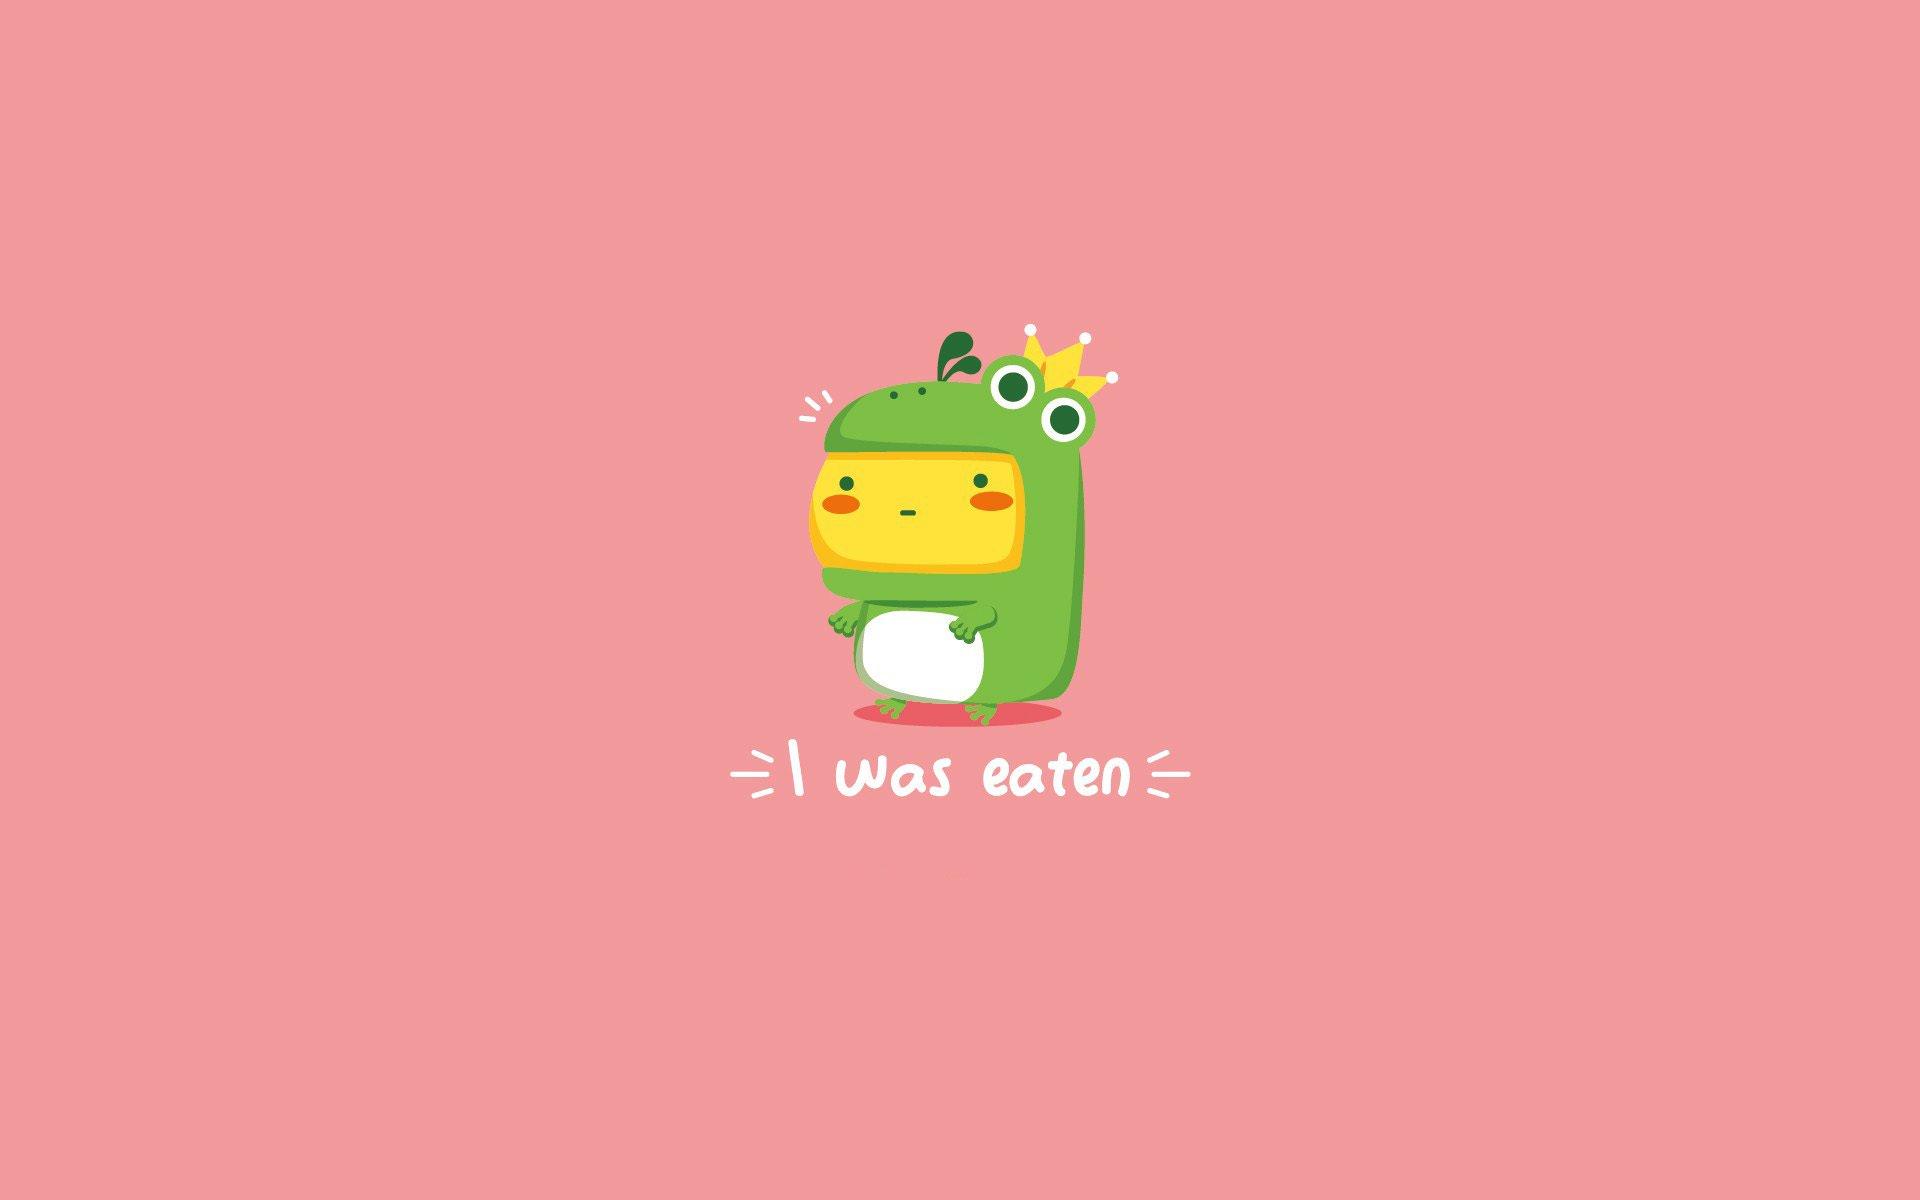 开心见肠的意思解释|近义词|反义词|开心见肠成语接龙